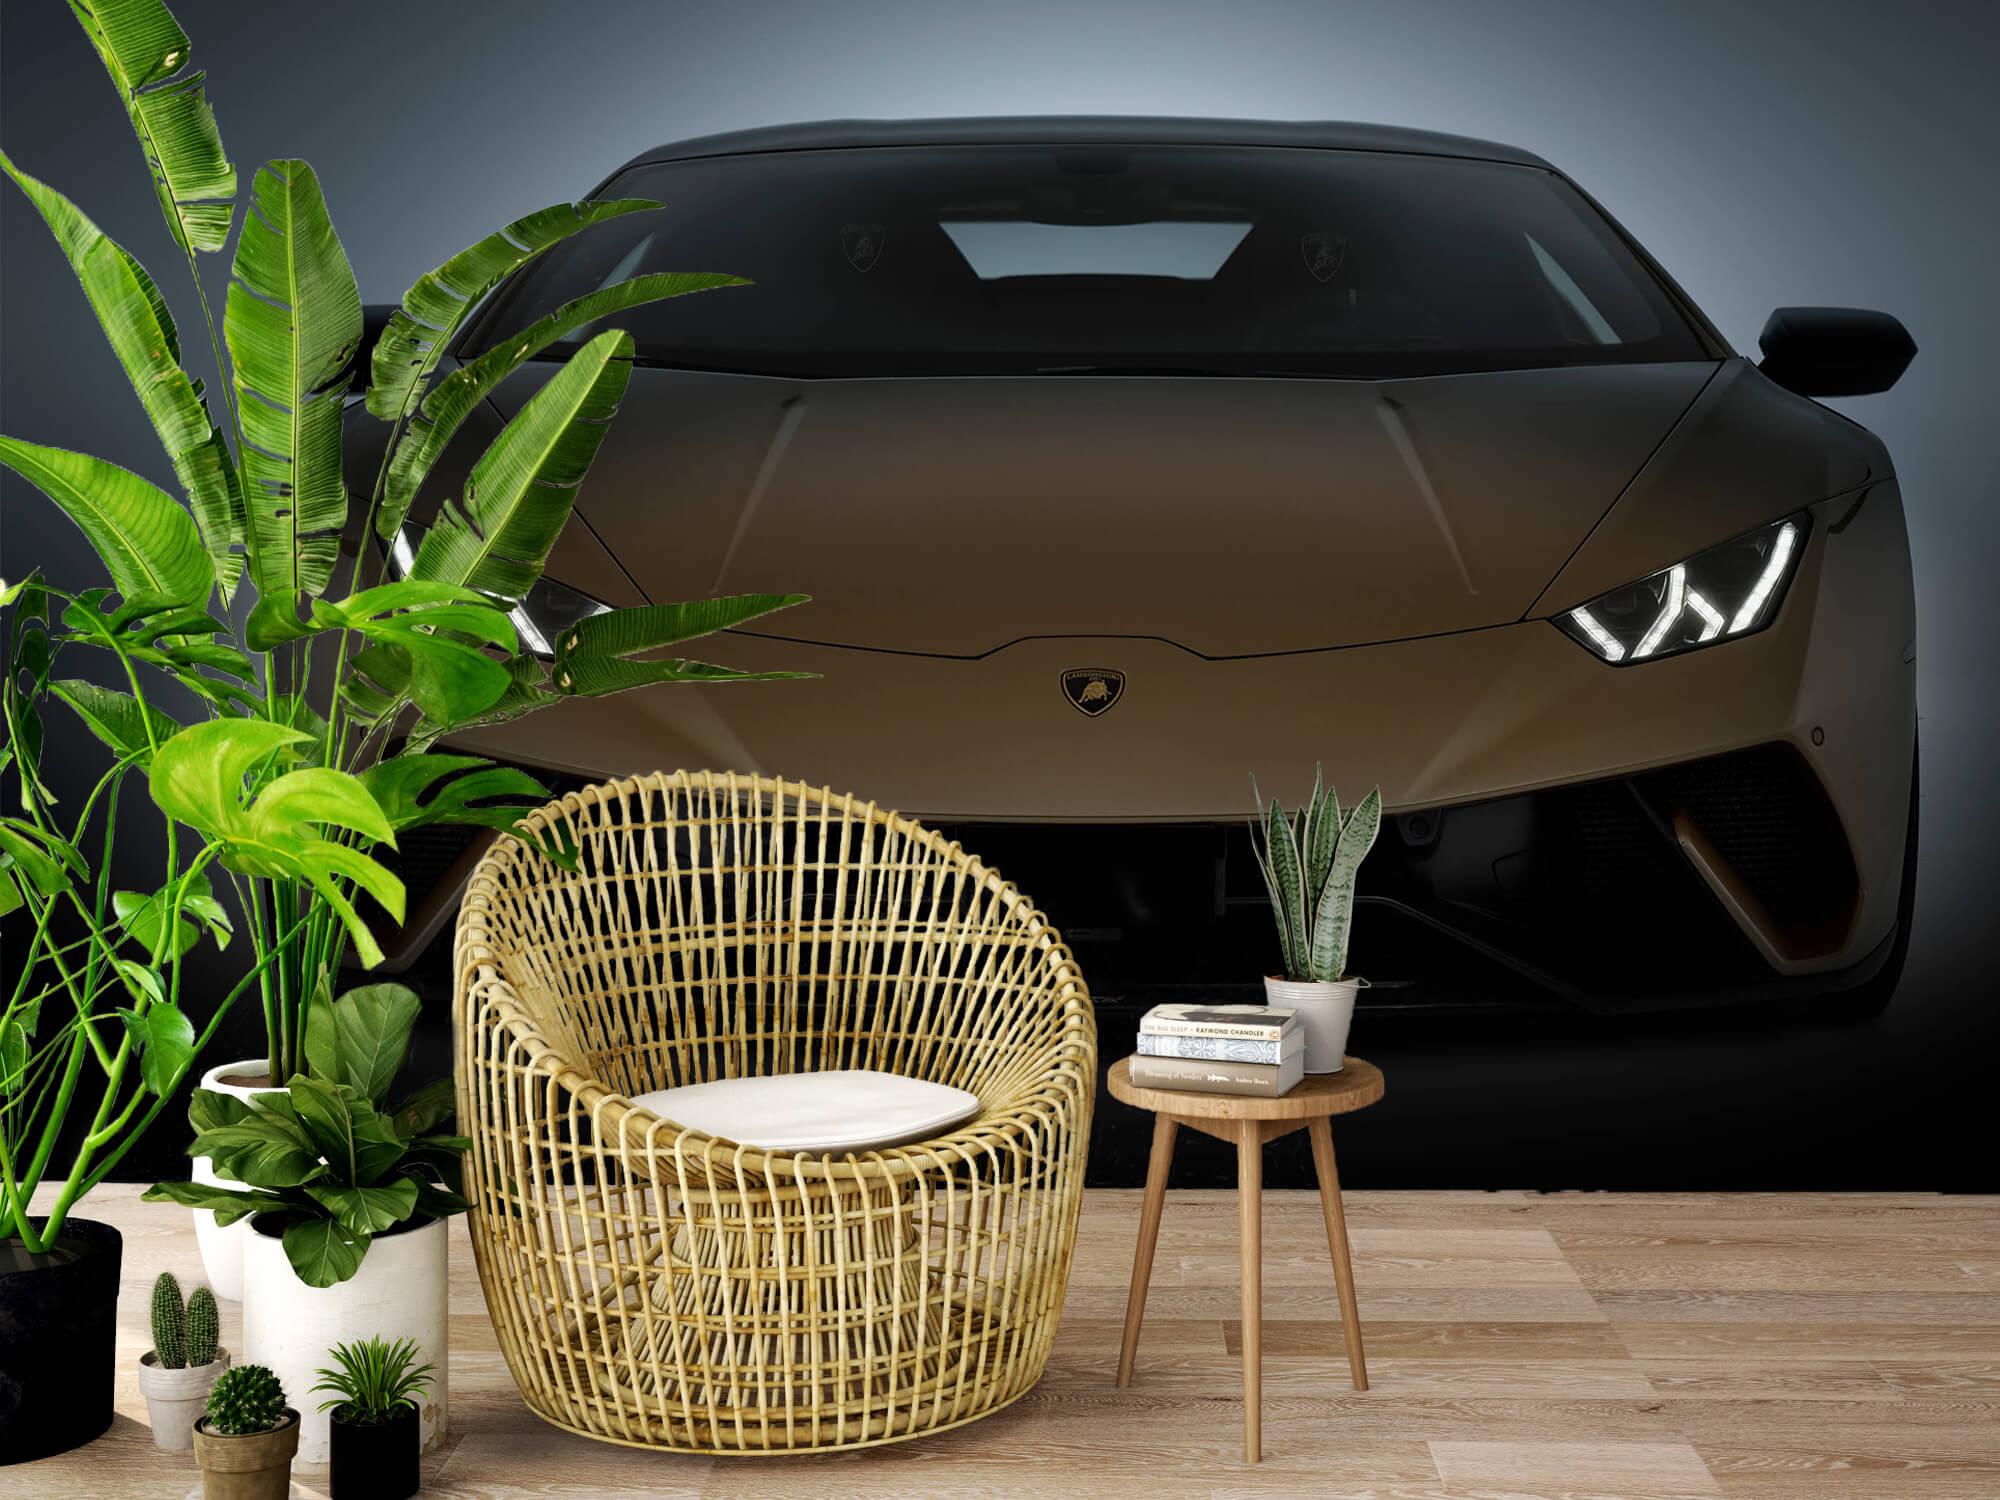 Wallpaper Lamborghini Huracán - Face avant 9